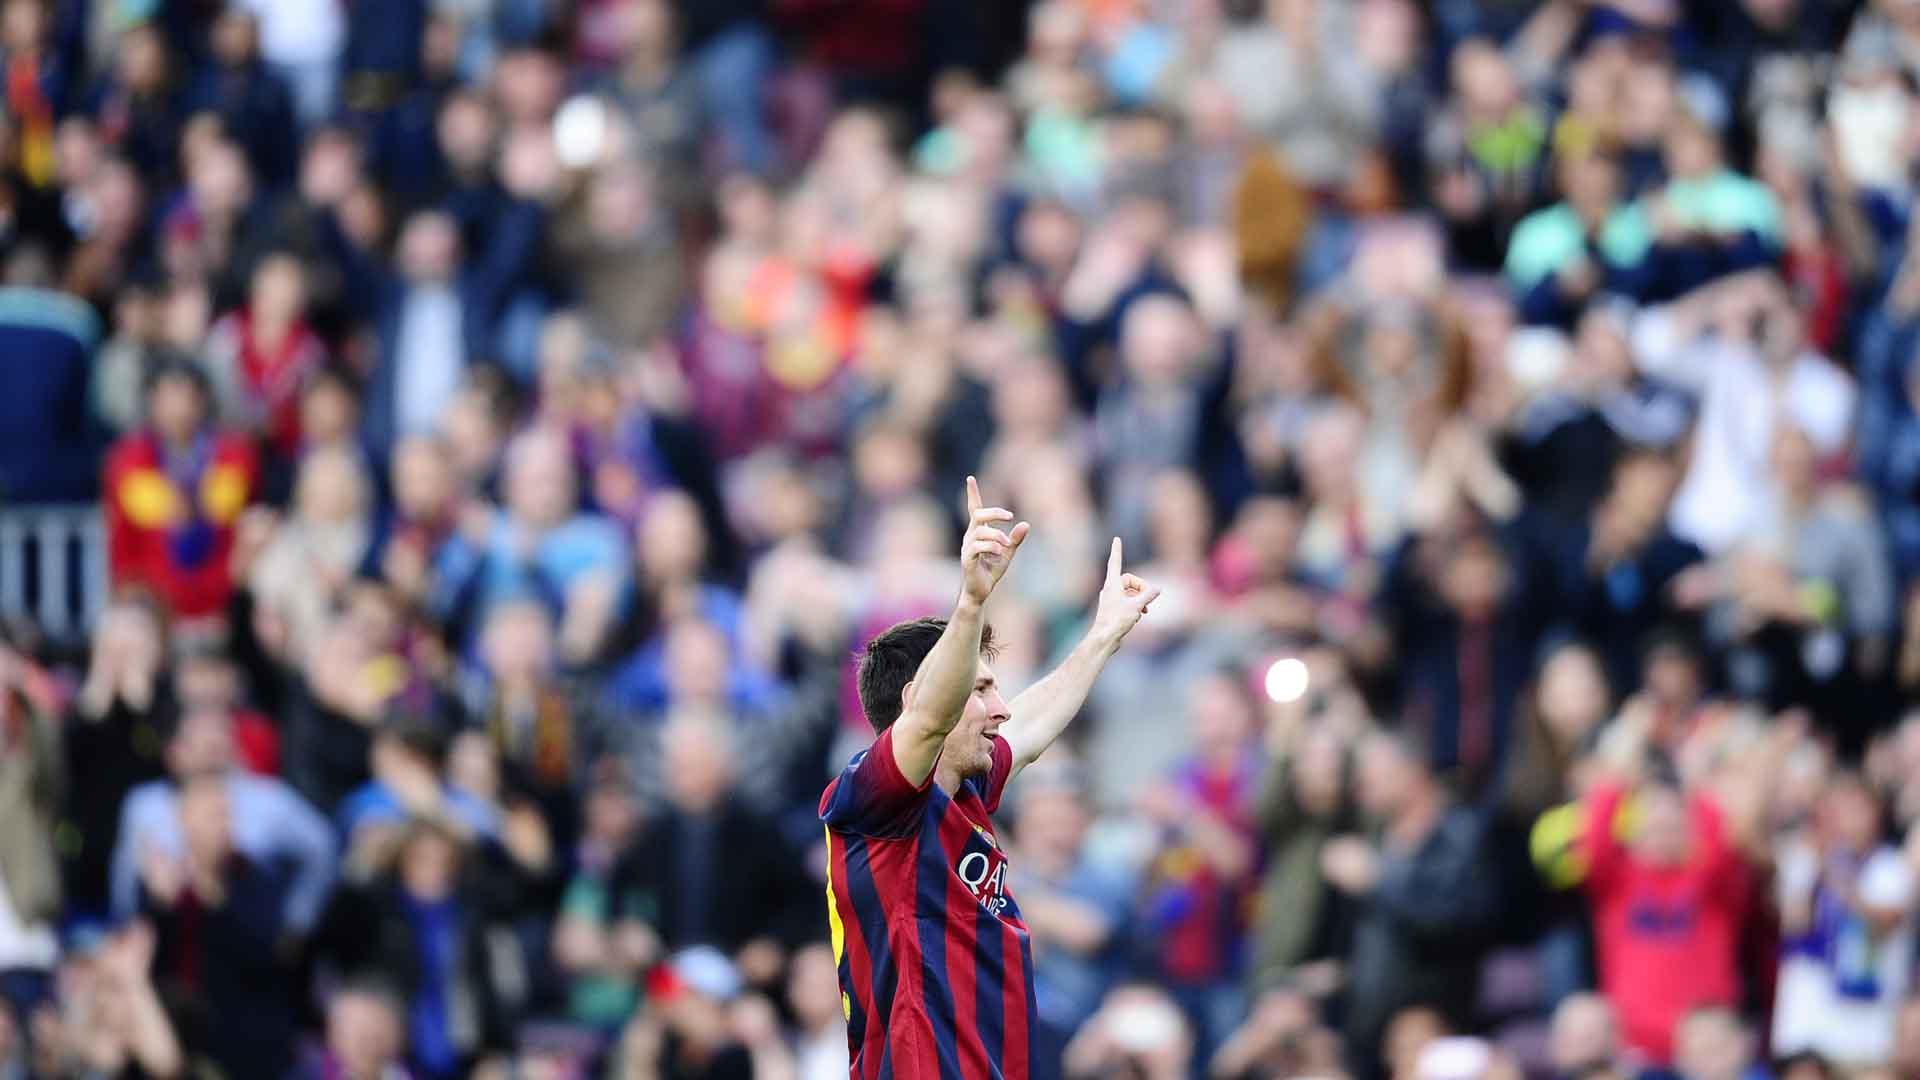 Lionel_Messi_FTR_03162014